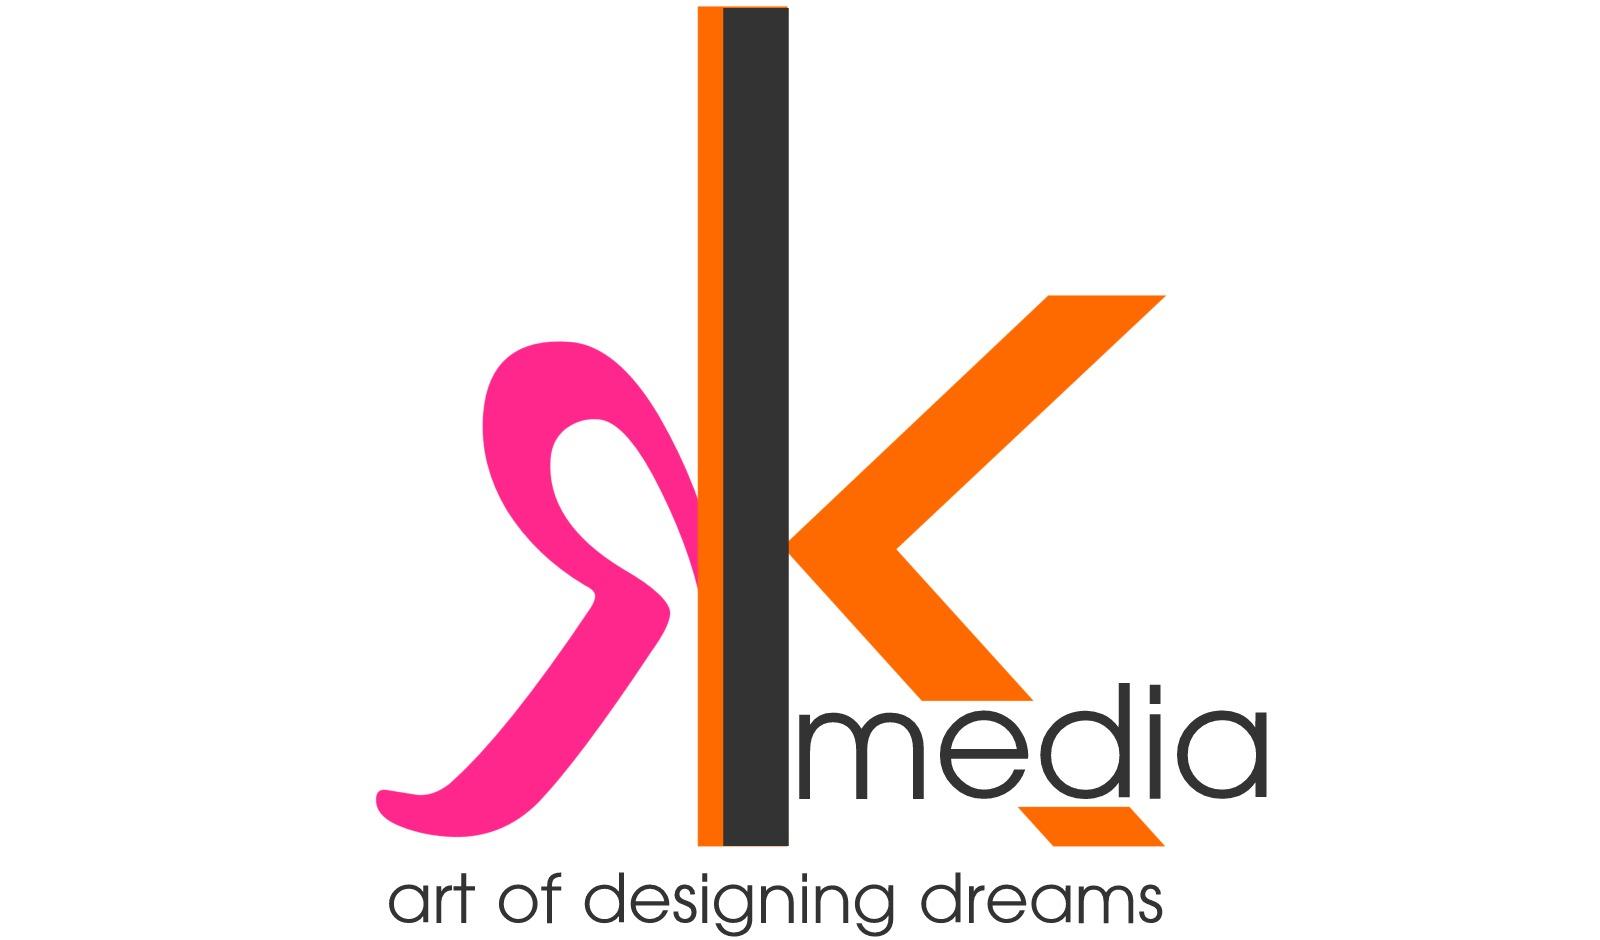 KK Media